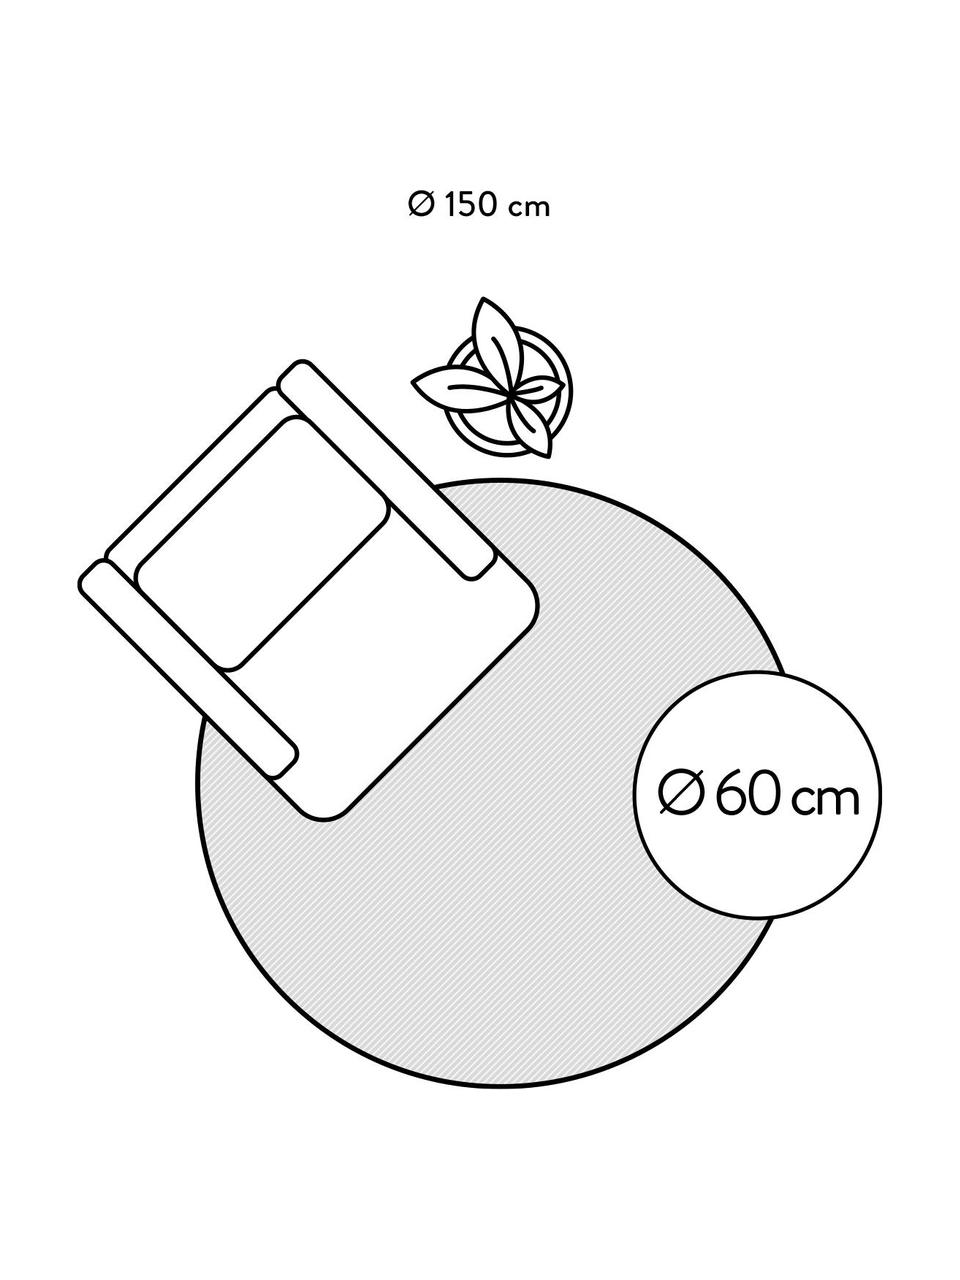 Flauschiger Hochflor-Teppich Cera in Cremeweiß/Dunkelgrau, Flor: 100% Polypropylen, Cremeweiß, Dunkelgrau, Ø 150 cm (Größe M)